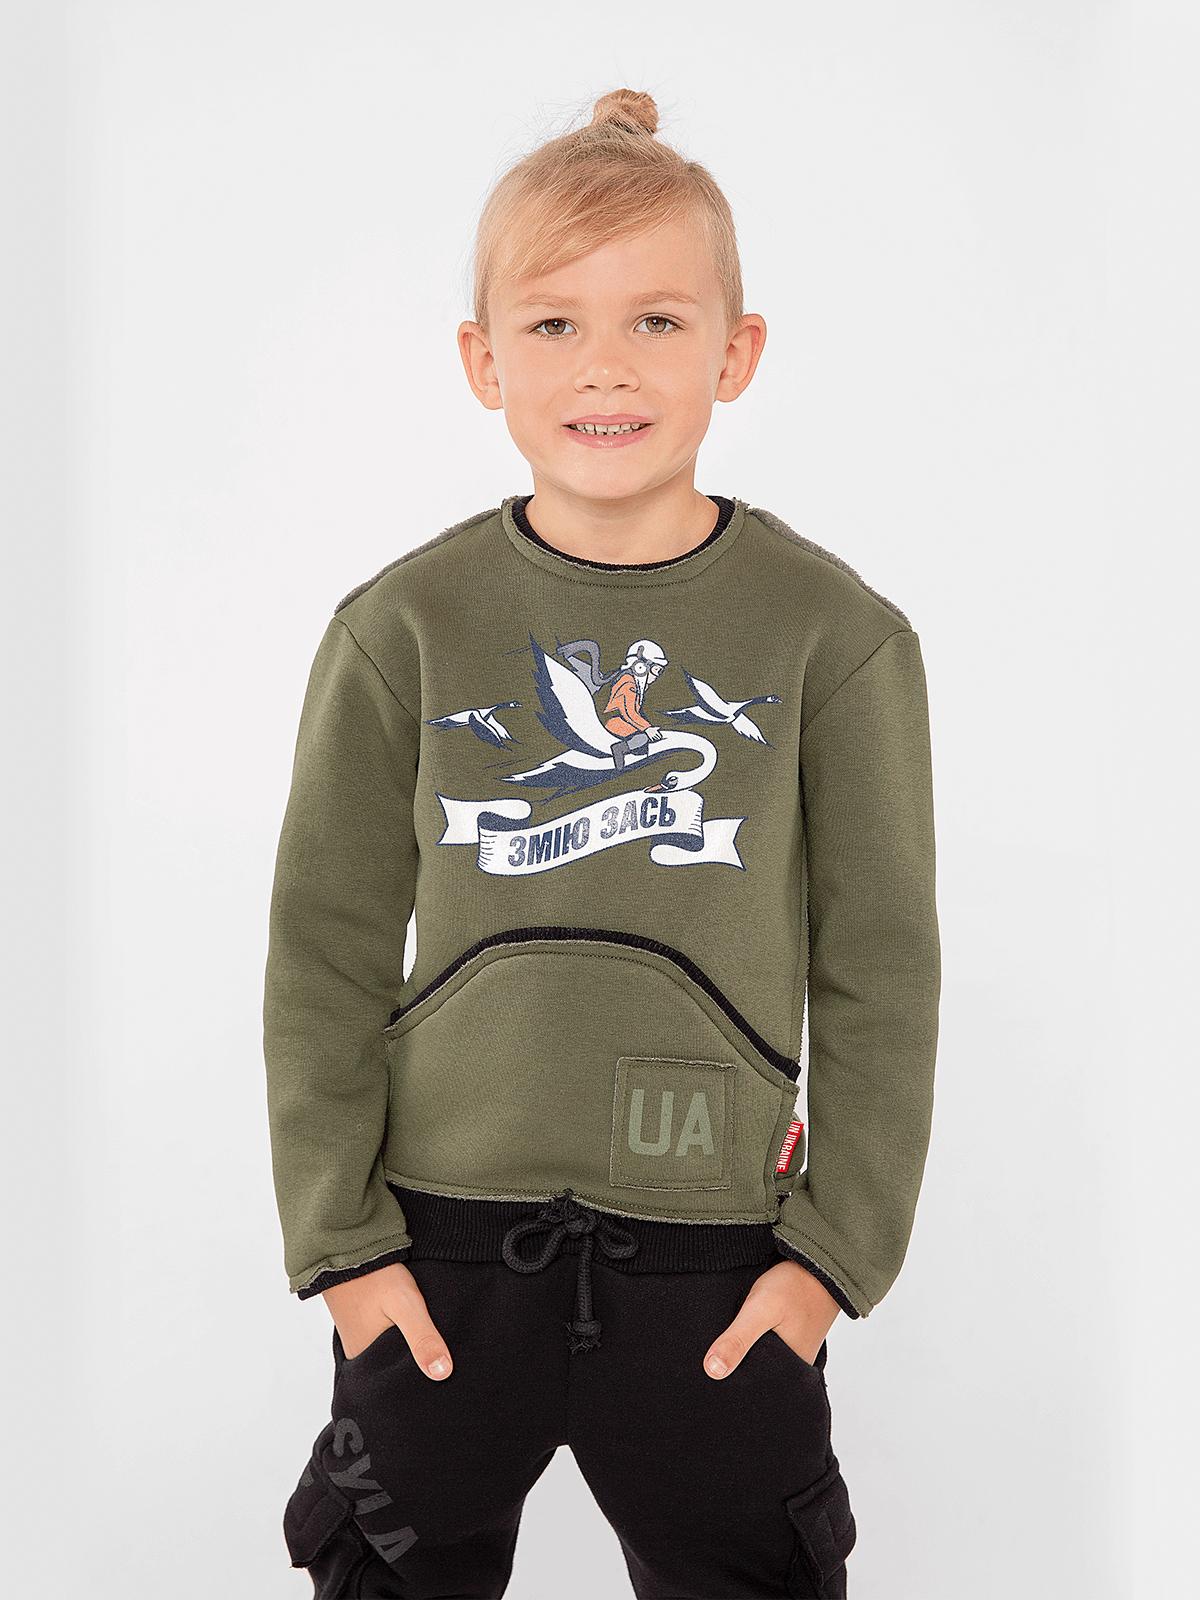 Дитячий Світшот Змію Зась. Колір хакі. Світшот — унісекс, пасує і дівчаткам, і хлопцям.